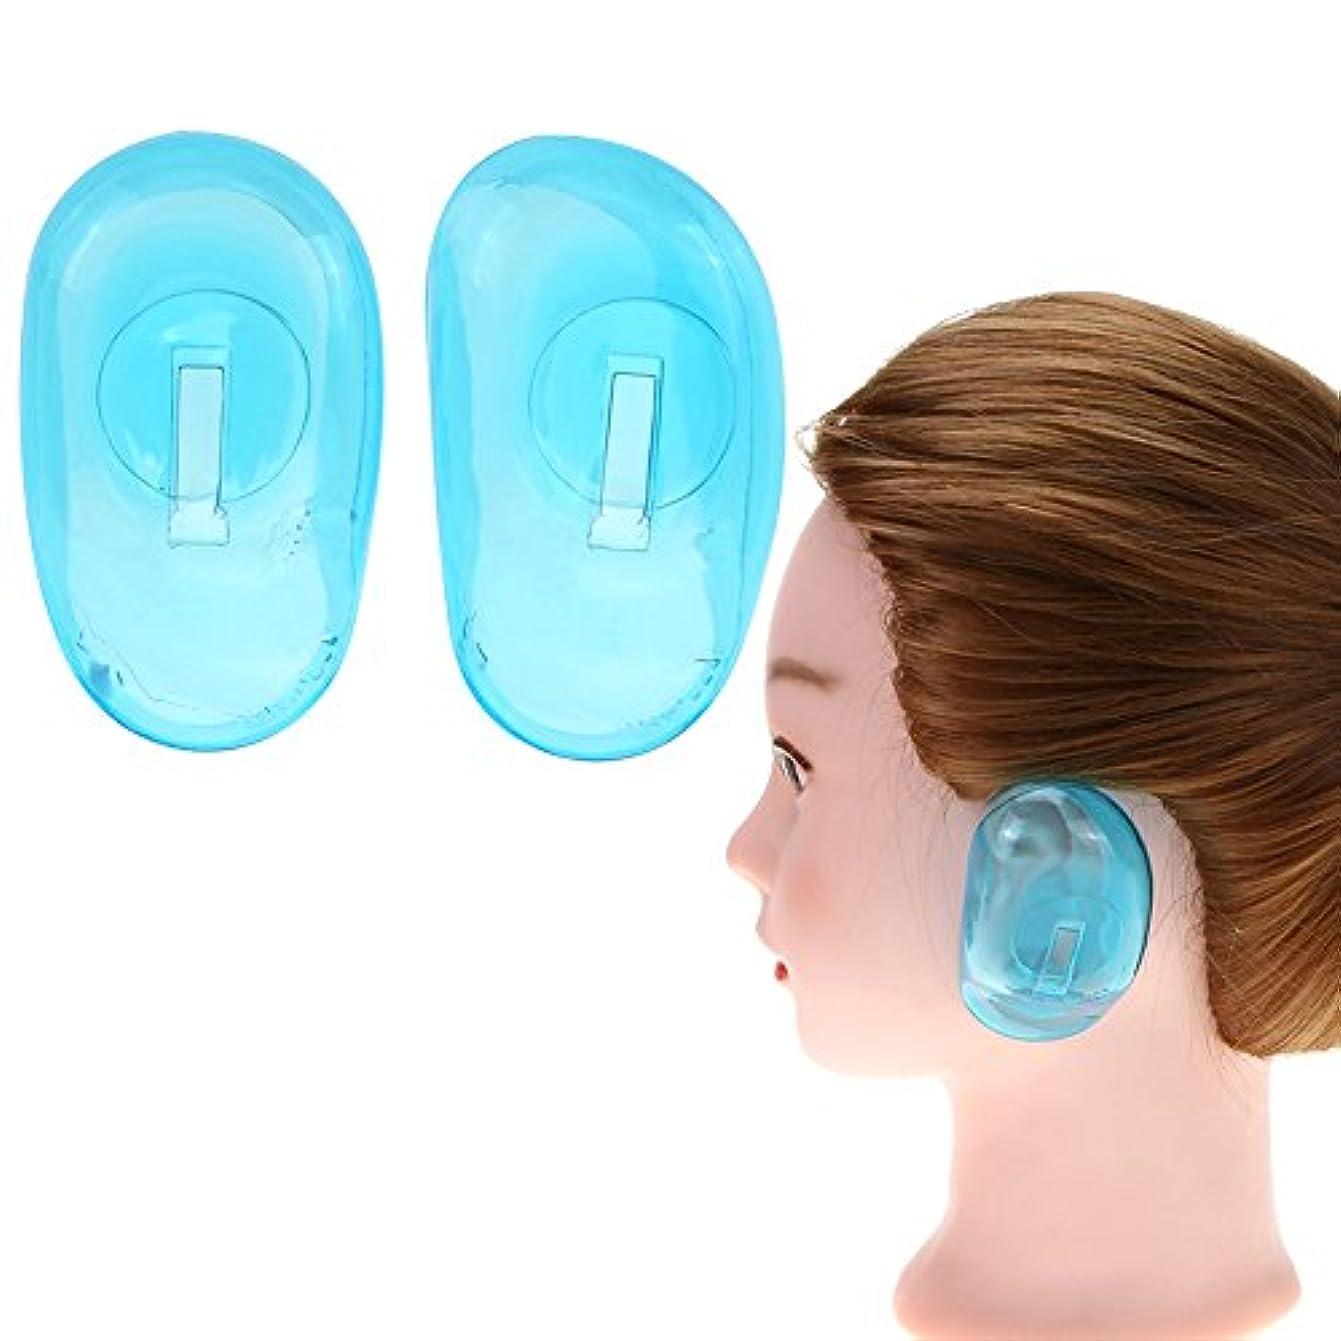 シール処方するカビRuier-tong 1ペア耳カバー 毛染め用 シリコン製 耳キャップ 柔らかいイヤーキャップ ヘアカラー シャワー 耳保護 ヘアケアツール サロン 洗える 繰り返す使用可能 エコ 8.5x5cm